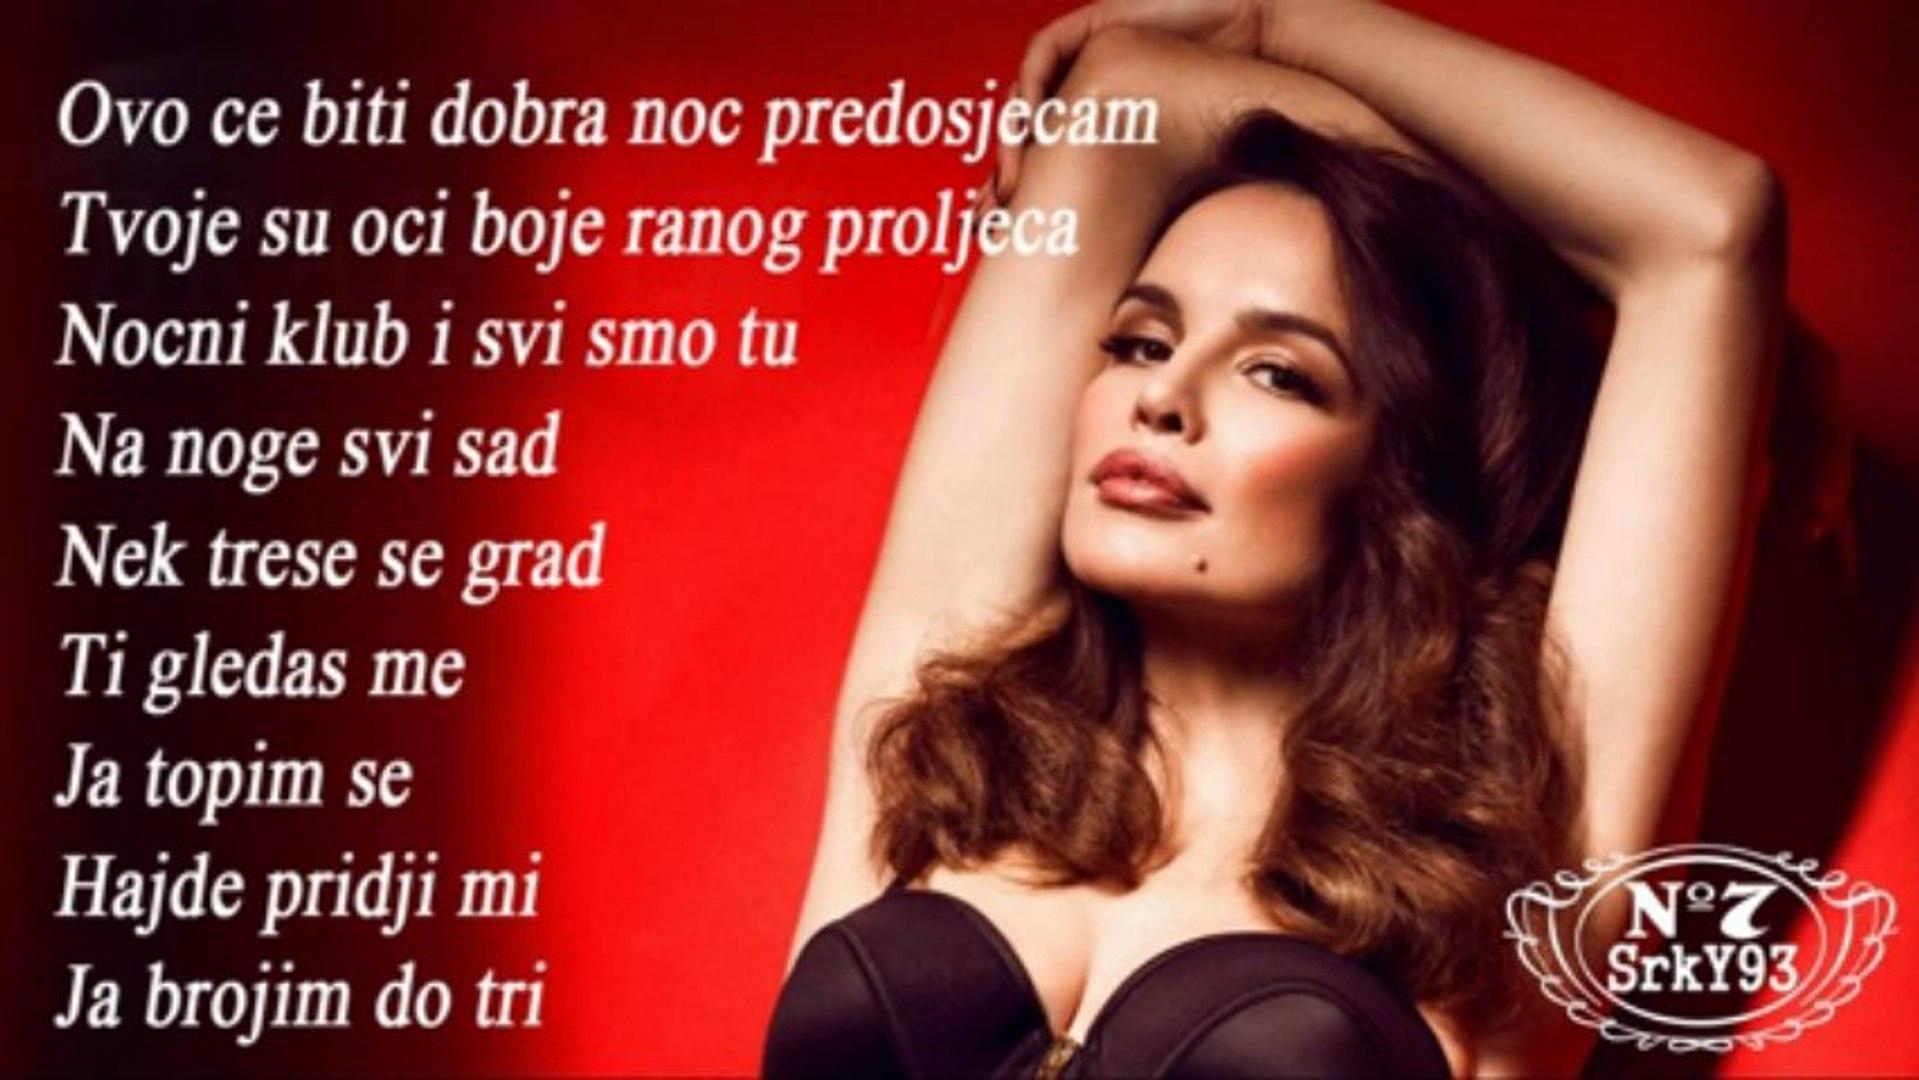 Severina - 2013 - 10 - Brad Pitt + Tekst